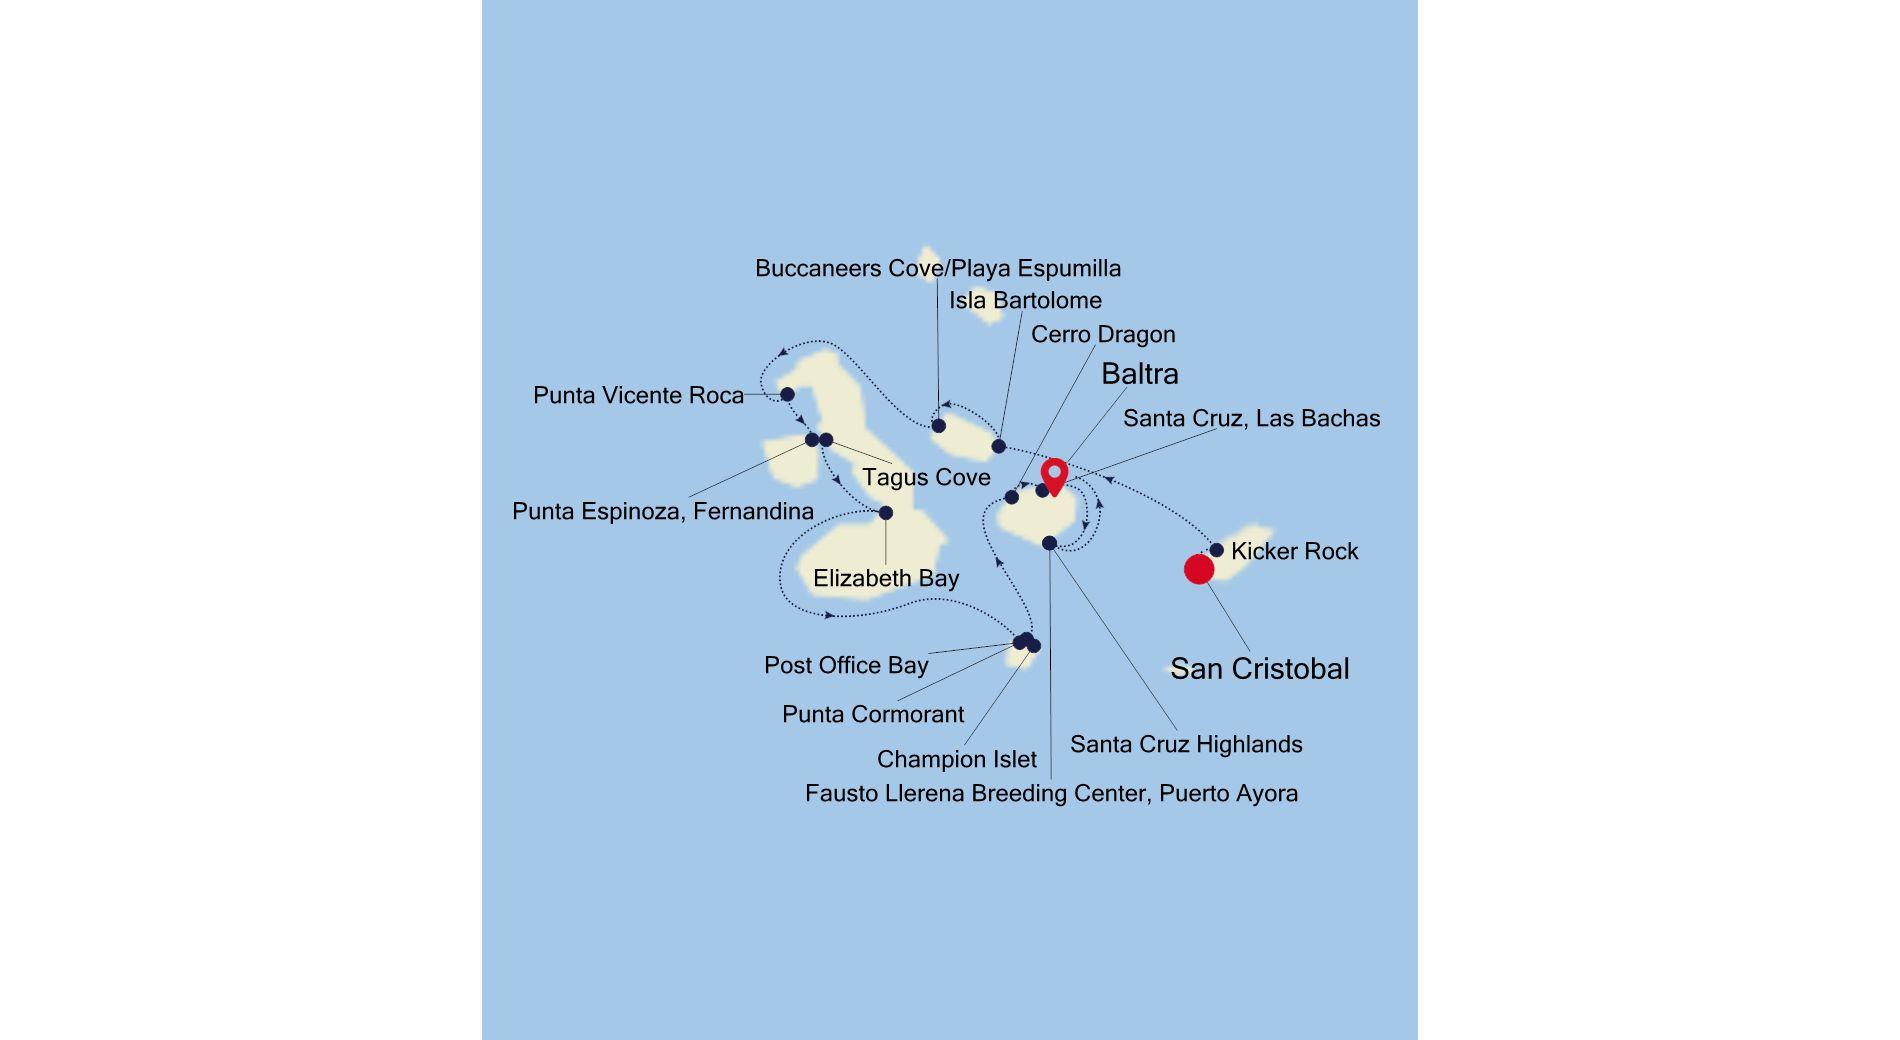 E2200704007 - San Cristobal nach Baltra